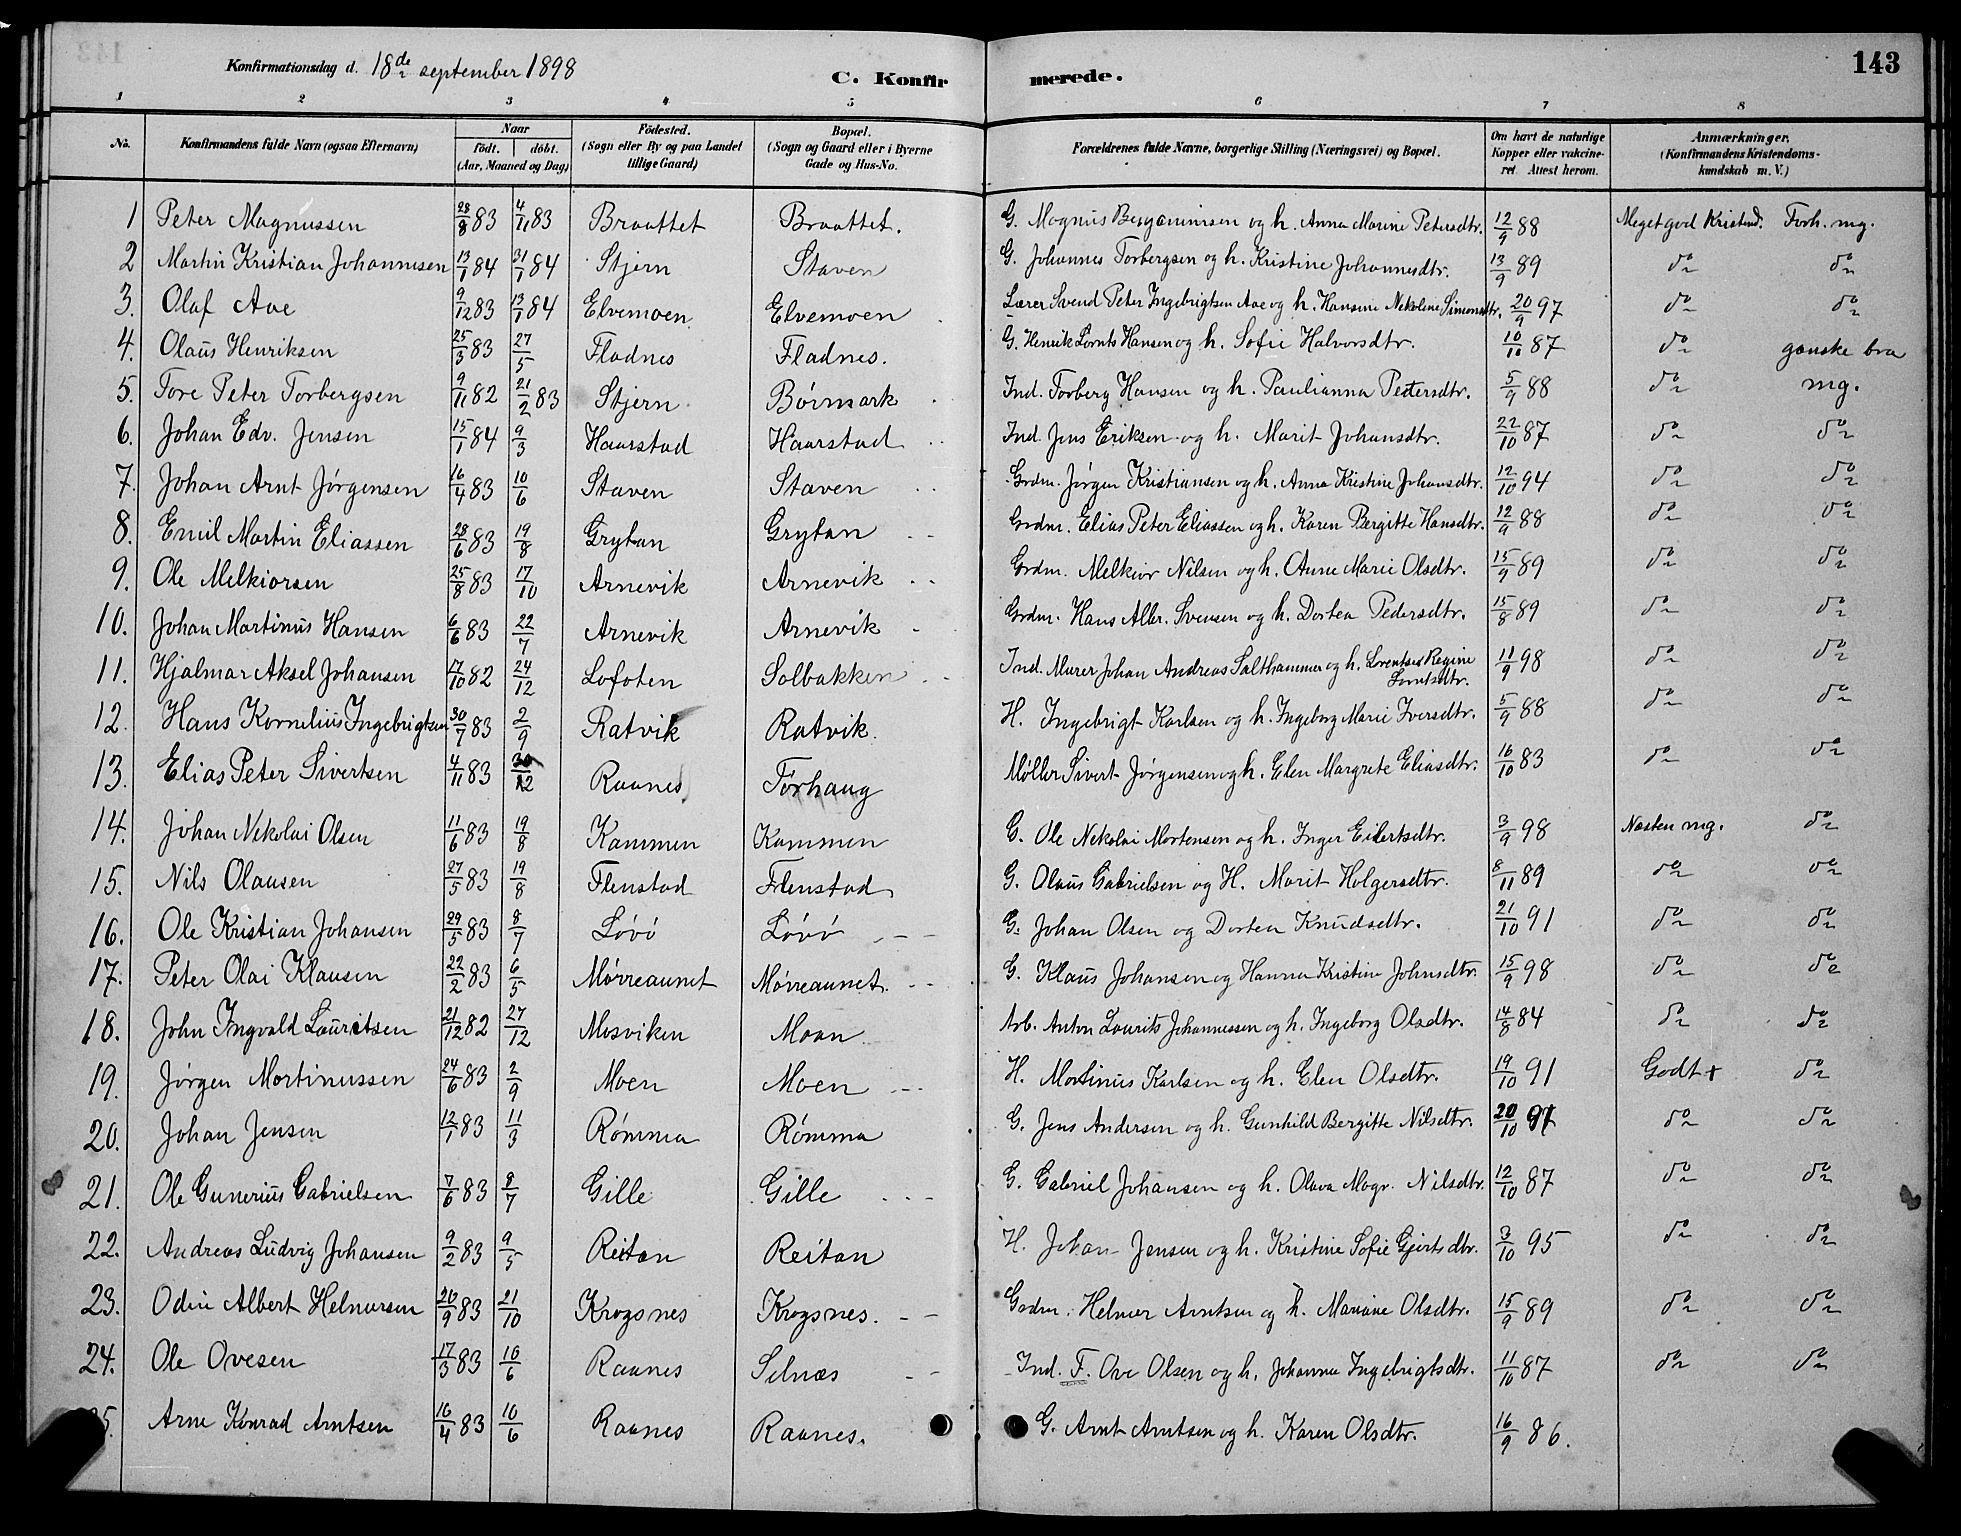 SAT, Ministerialprotokoller, klokkerbøker og fødselsregistre - Sør-Trøndelag, 655/L0687: Klokkerbok nr. 655C03, 1880-1898, s. 143